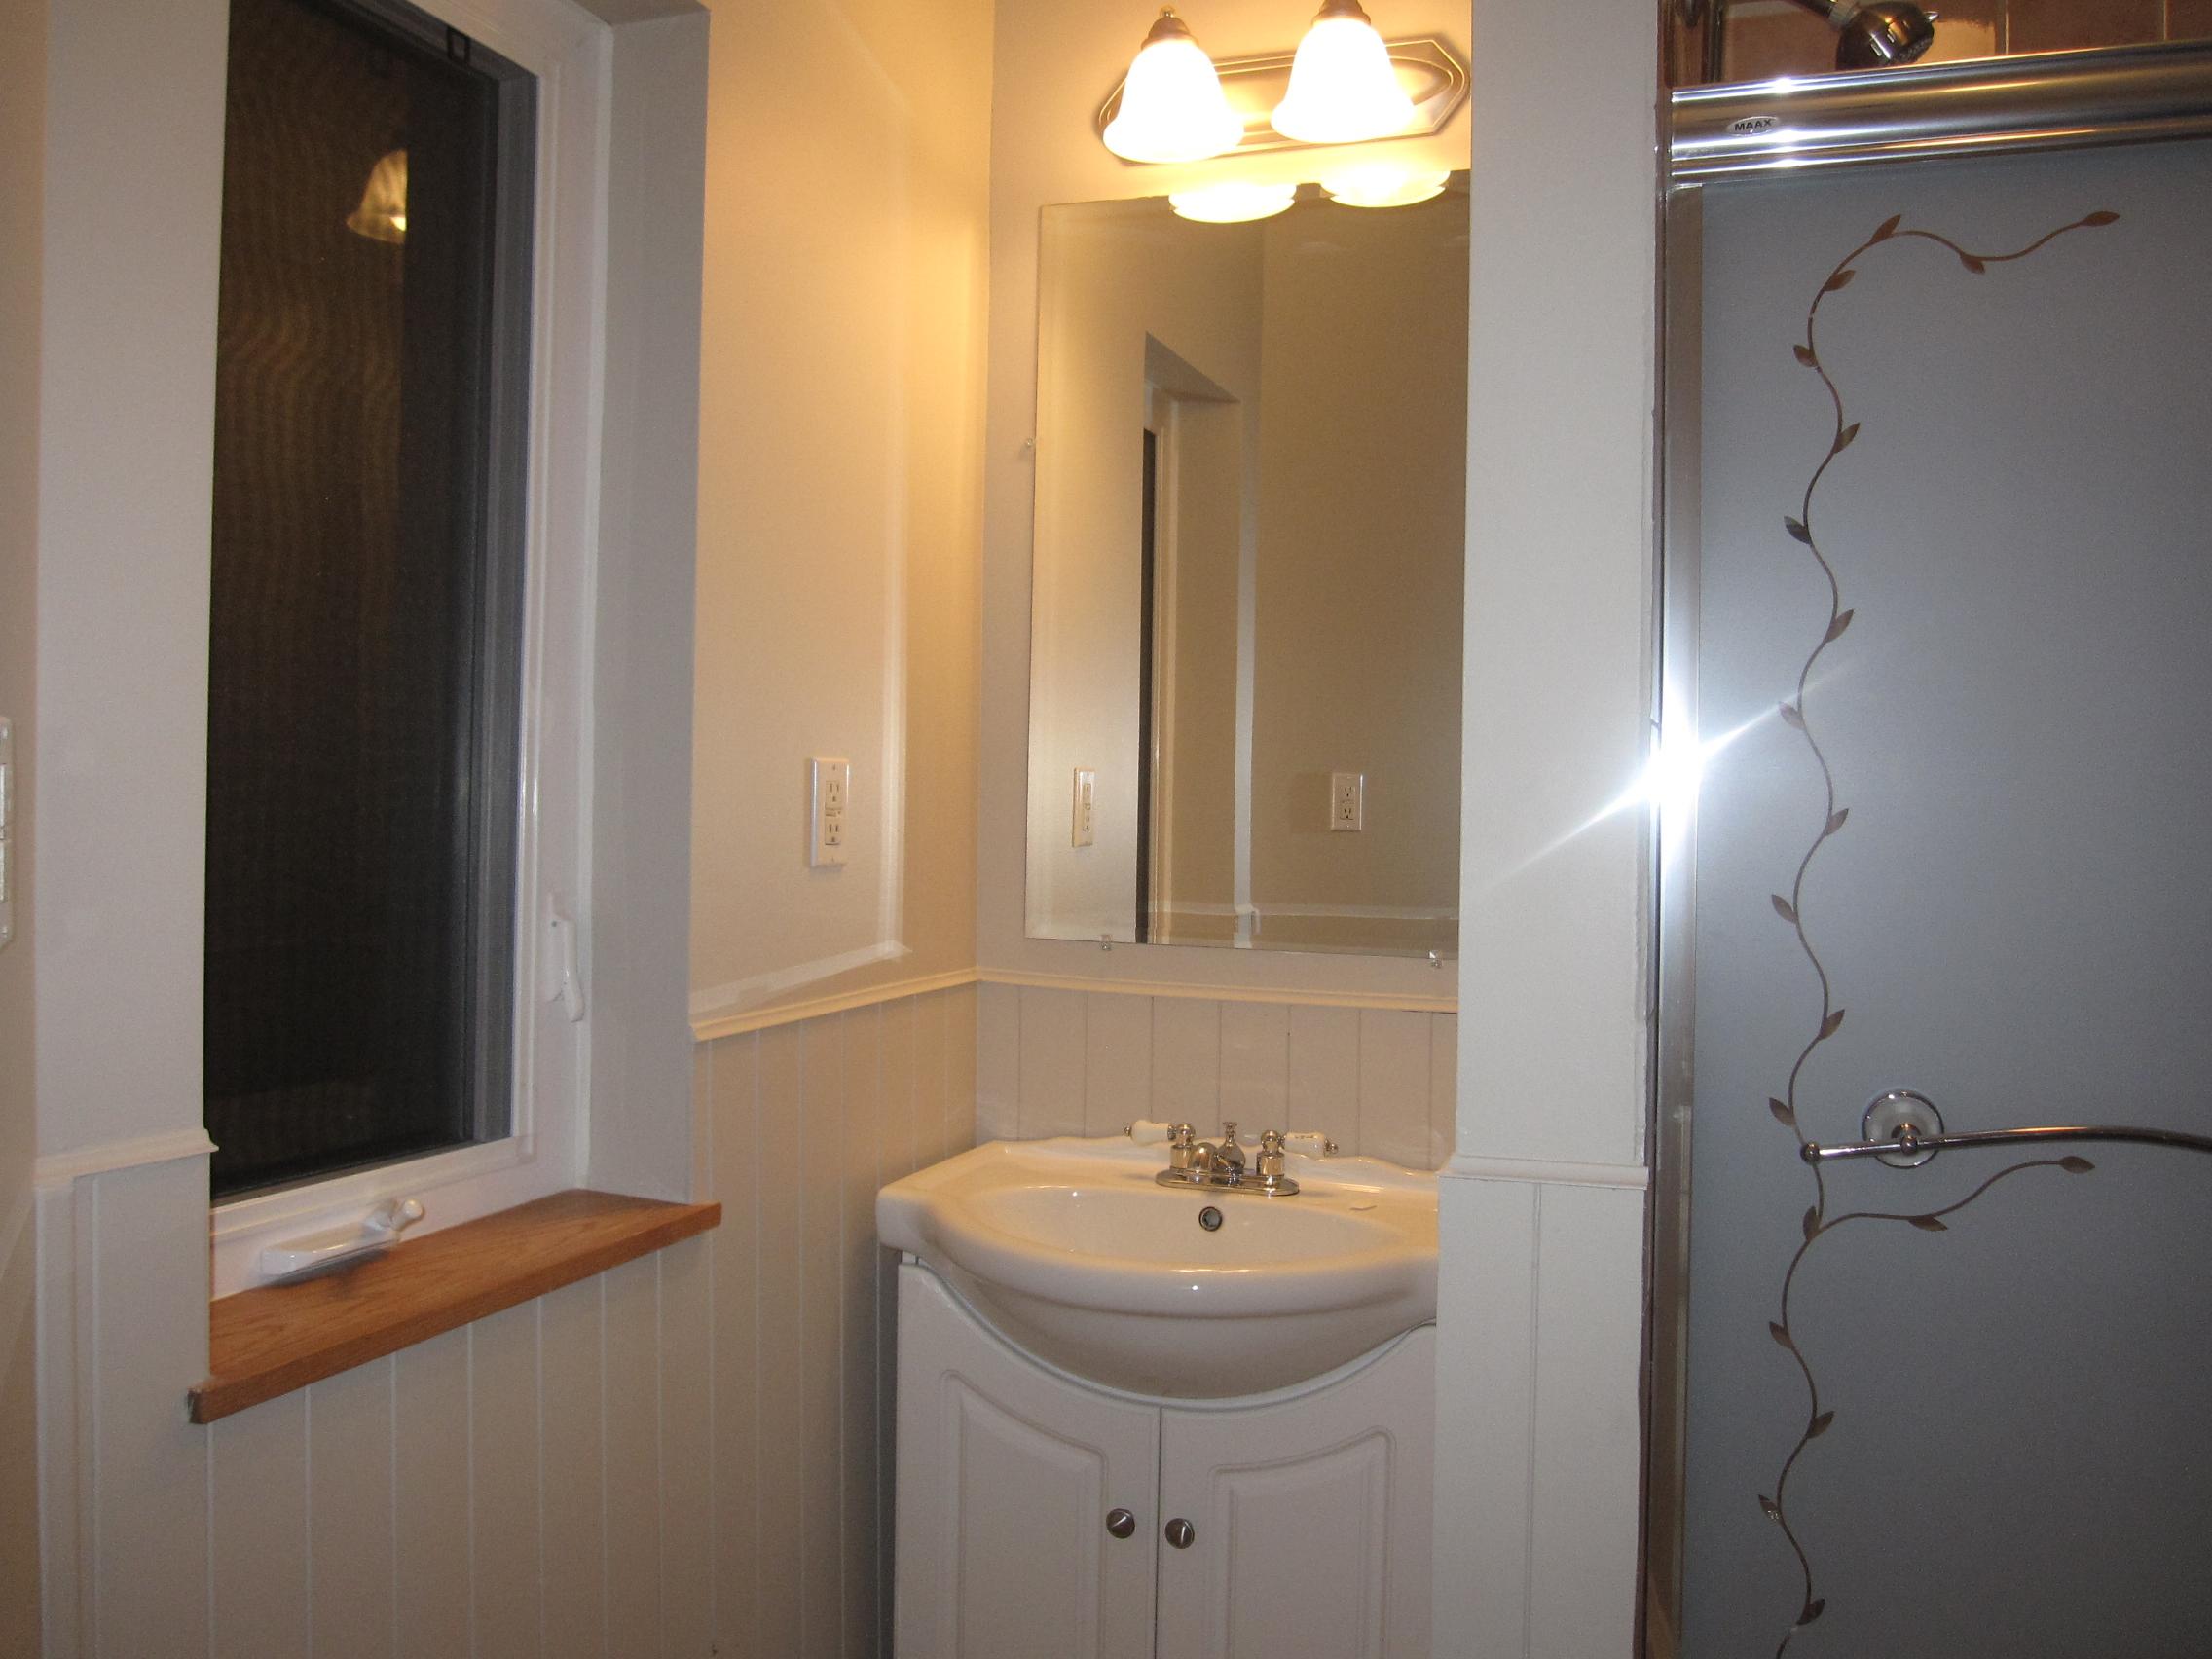 Bathroom Vanity view